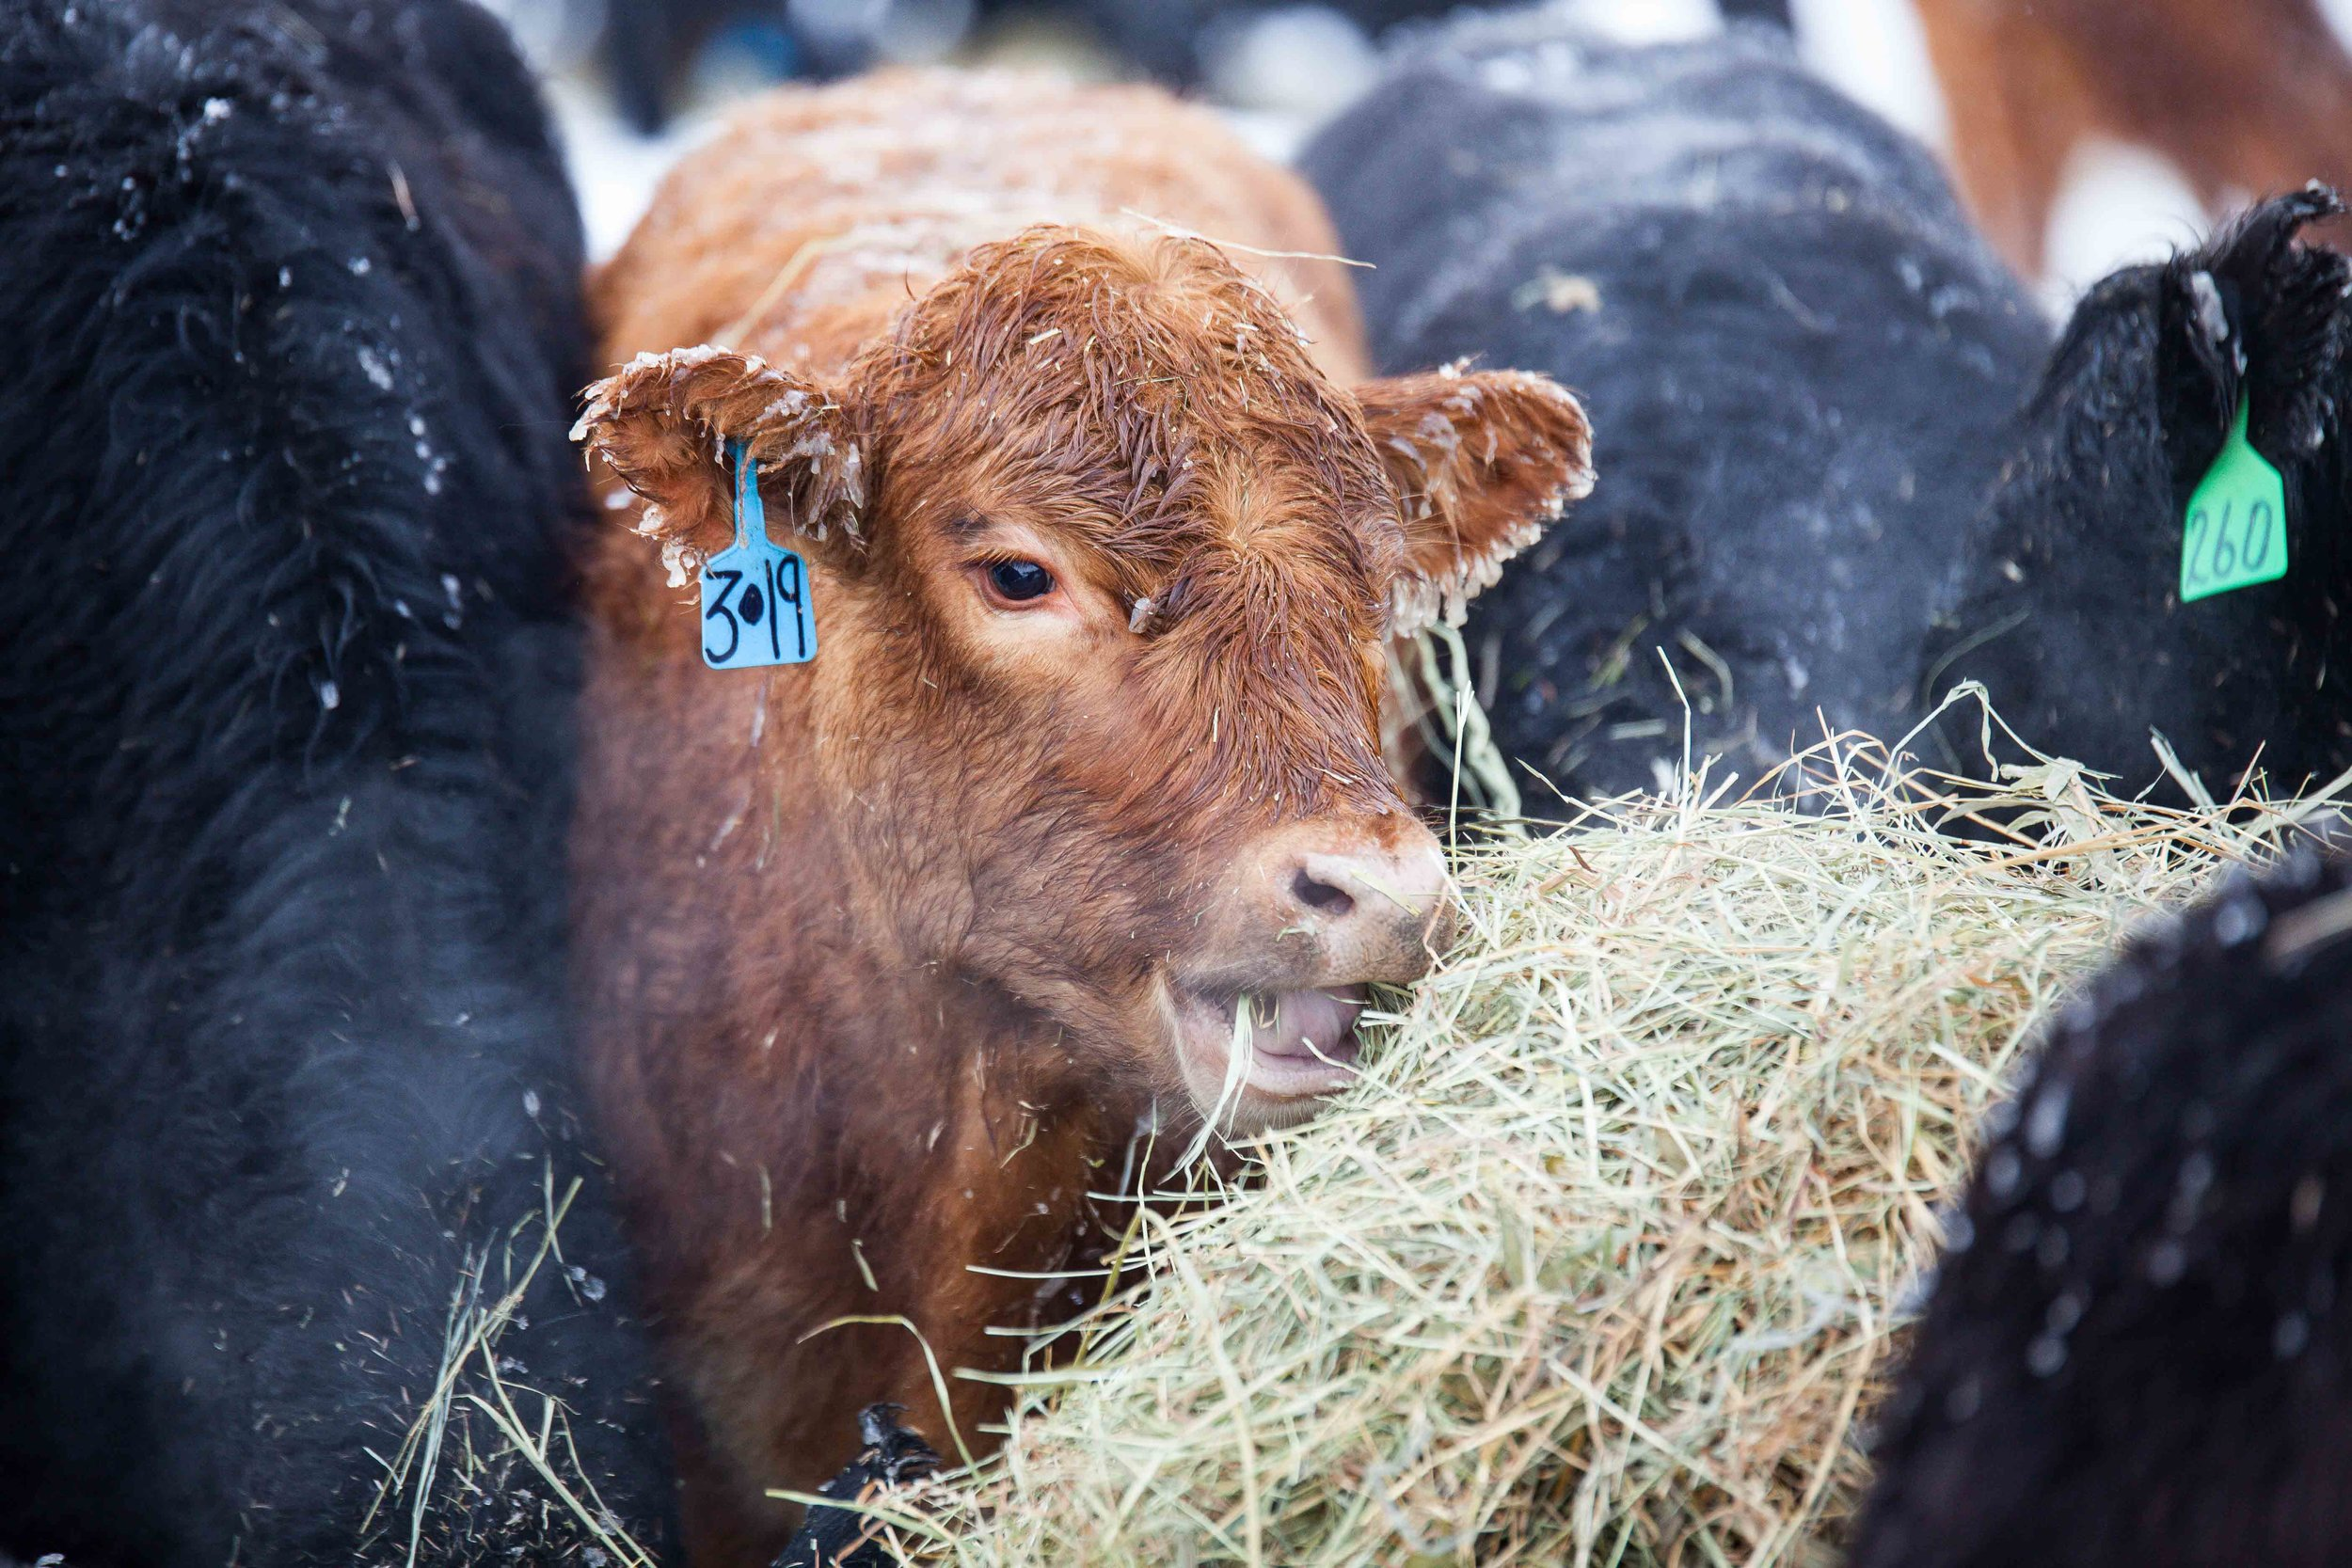 Calf eating hay